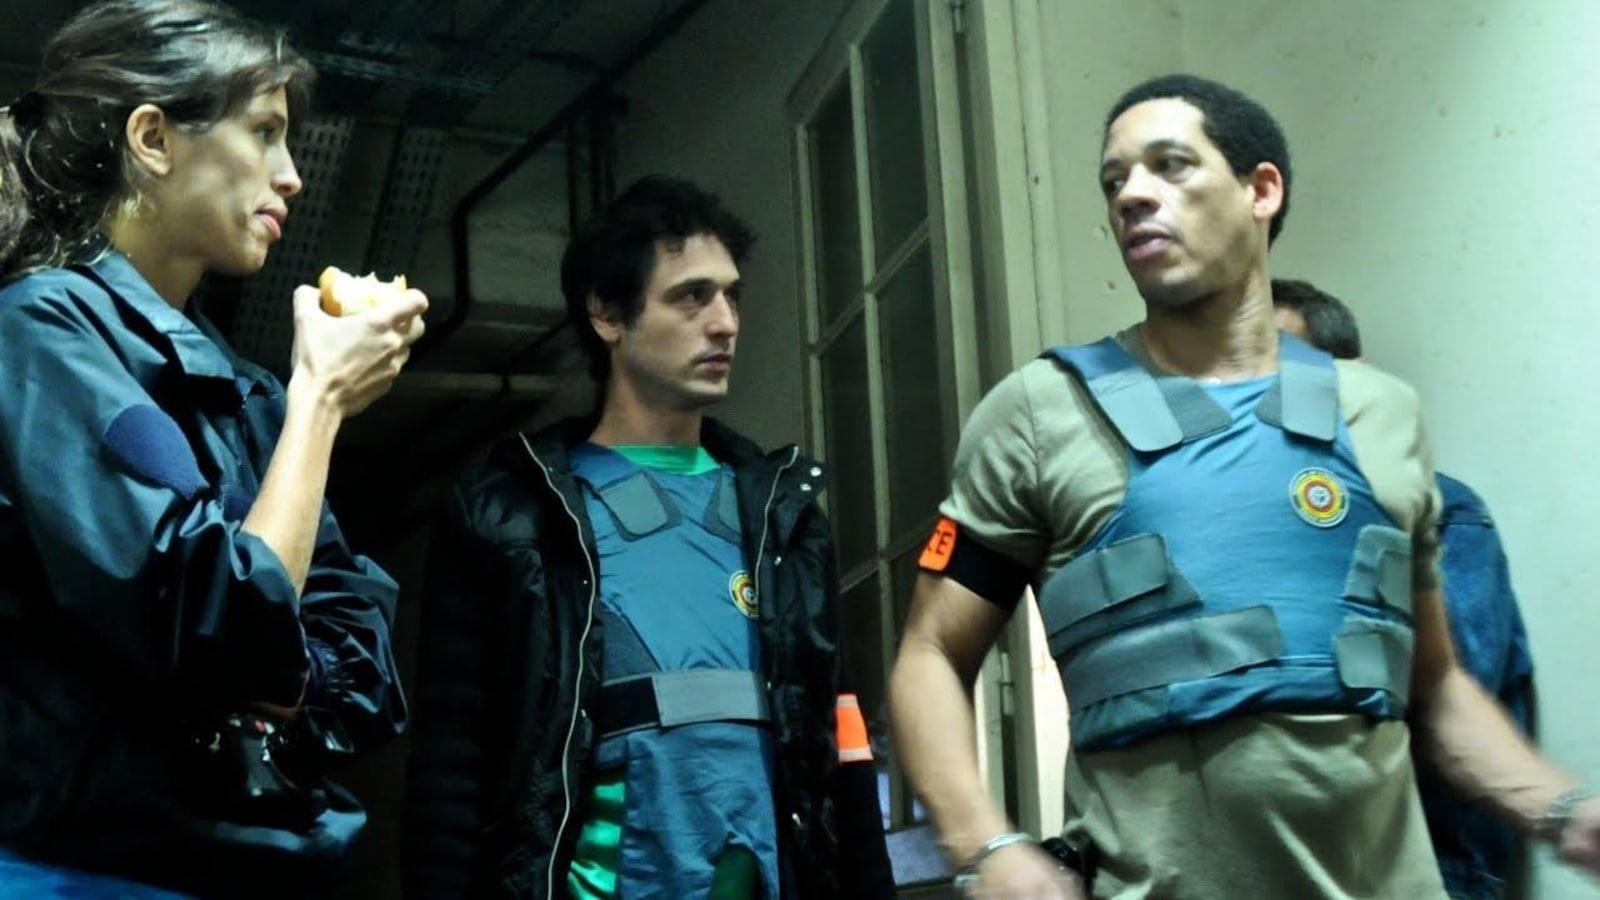 Des policiers avec des gilets pare-balles debout dans un couloir.